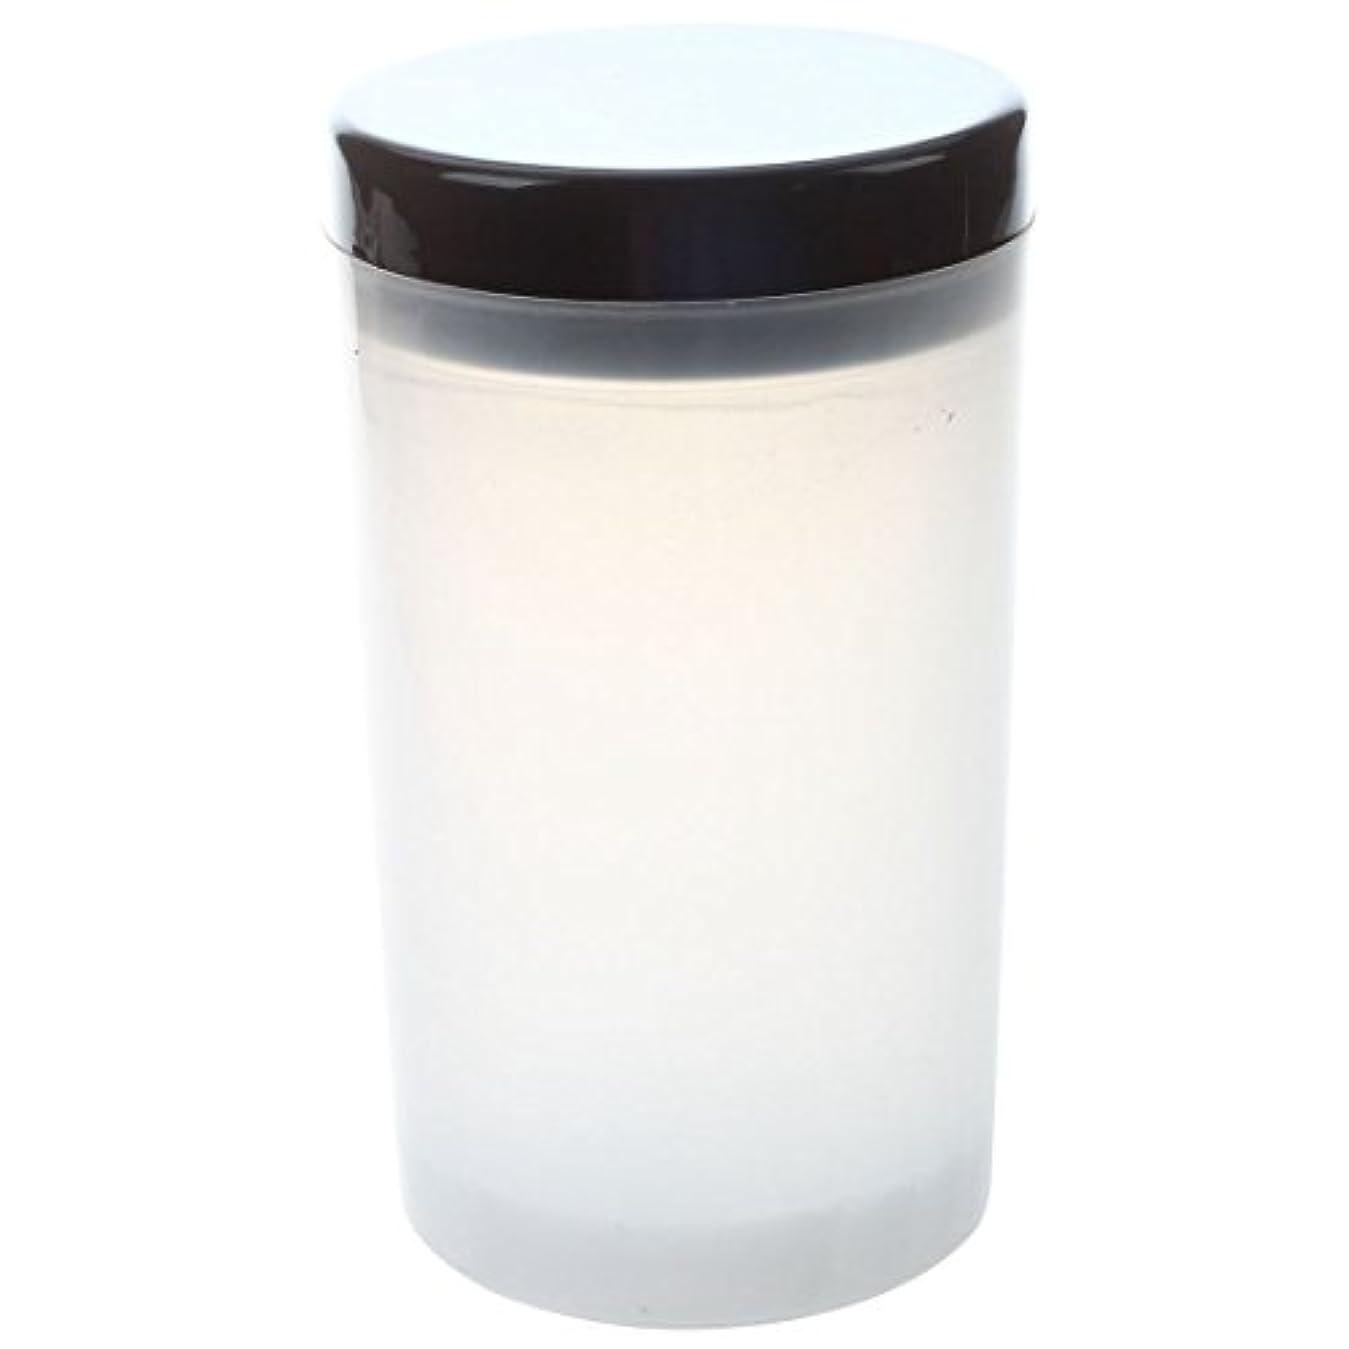 先史時代の伝染性暫定SODIAL ネイルアートチップブラシホルダー リムーバーカップカップ浸漬ブラシ クリーナーボトル